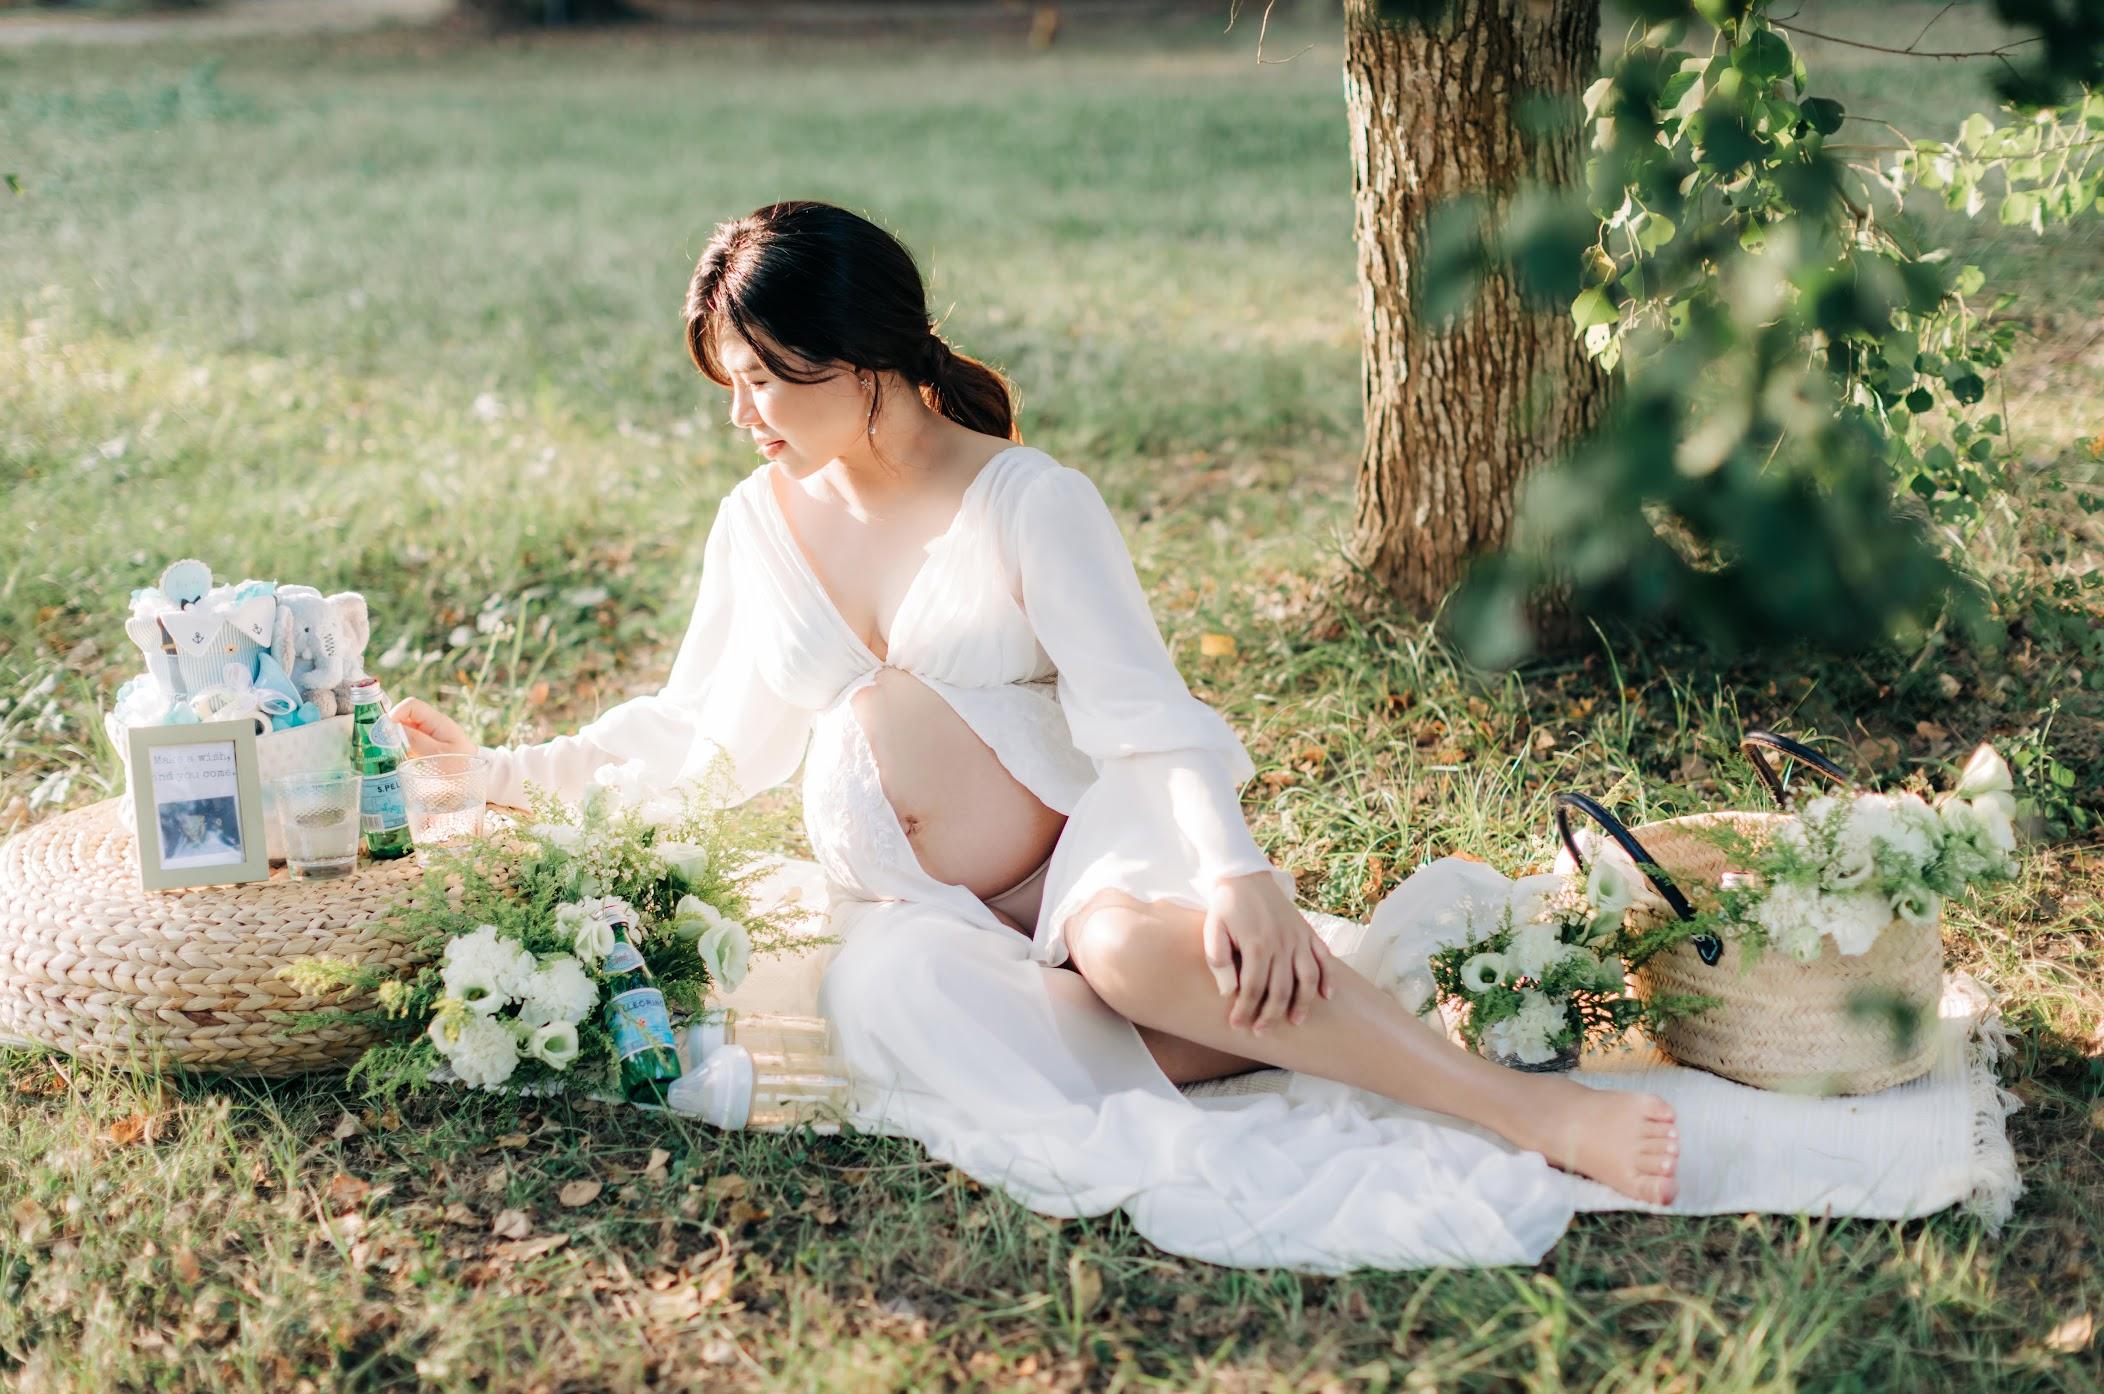 顏氏牧場孕婦寫真   Mandy   孕期紀錄 - 美式孕寫真 顏氏牧場孕婦寫真 / 戶外 孕期紀錄 寫真 / 美式婚紗婚禮 / 孕寫真 , 今年秋天,我們在顏氏牧場 ,為Mandy拍攝了這組 美式 孕婦 寫真 ,在涼爽的季節,拍攝相當順利。這是一次非常深刻的 戶外 孕期紀錄 孕寫真 拍攝經驗,而外拍中,Mandy還自己預備佈置,讓我們在草地為她拍攝AG的 逐光 美式 婚紗。